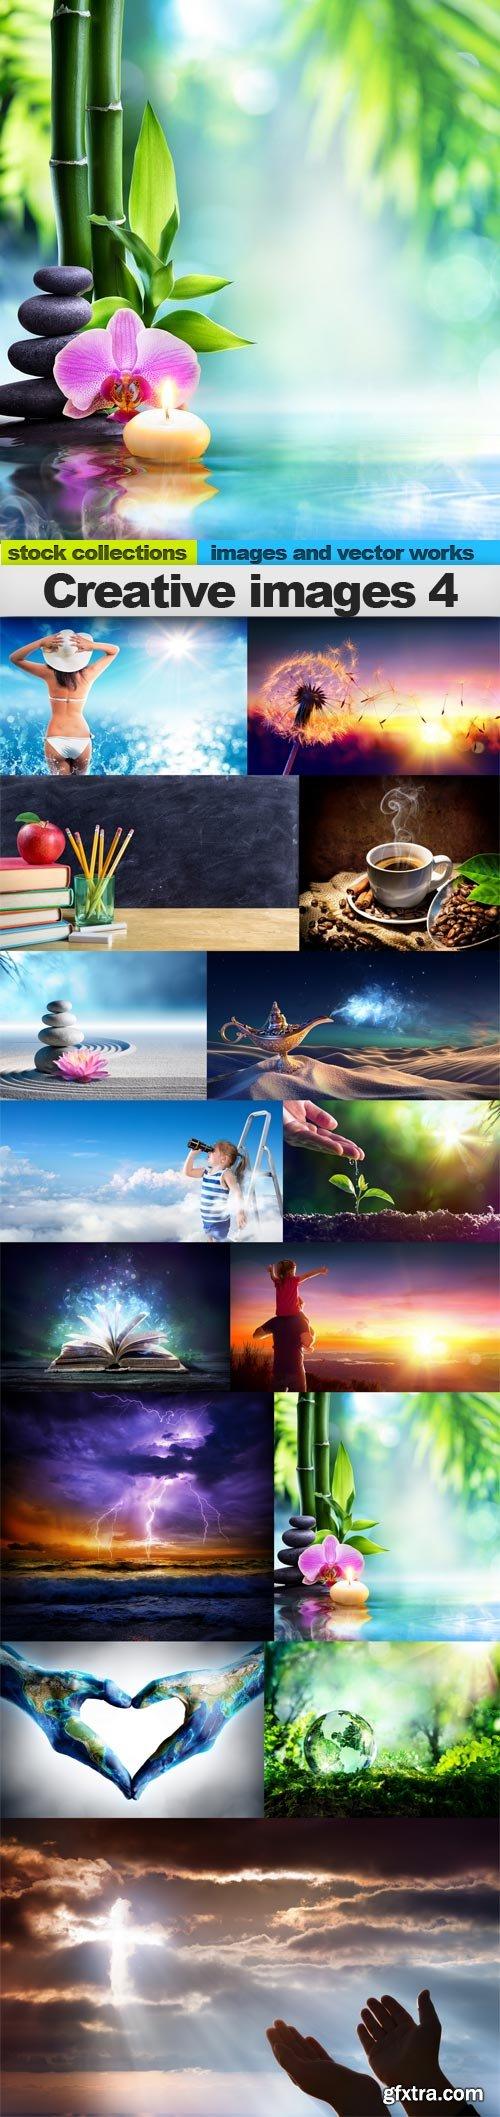 Creative images 4, 15 x UHQ JPEG